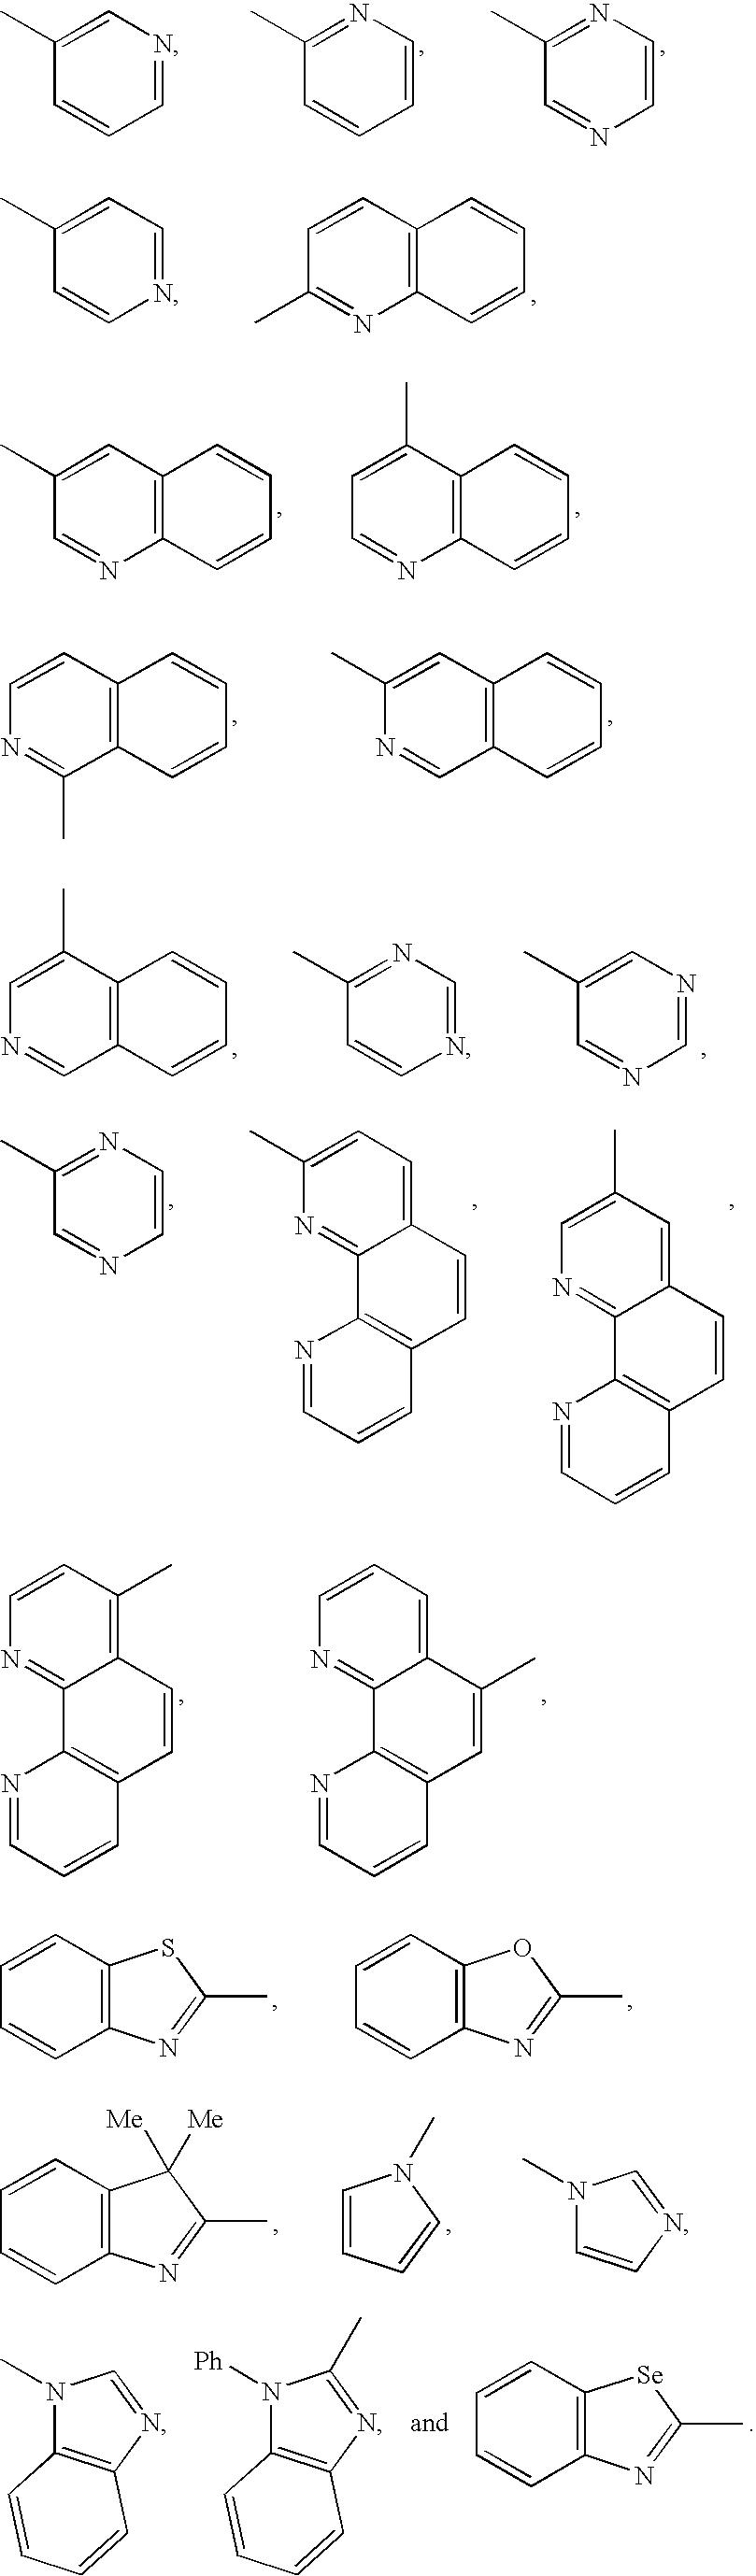 Figure US07968215-20110628-C00087